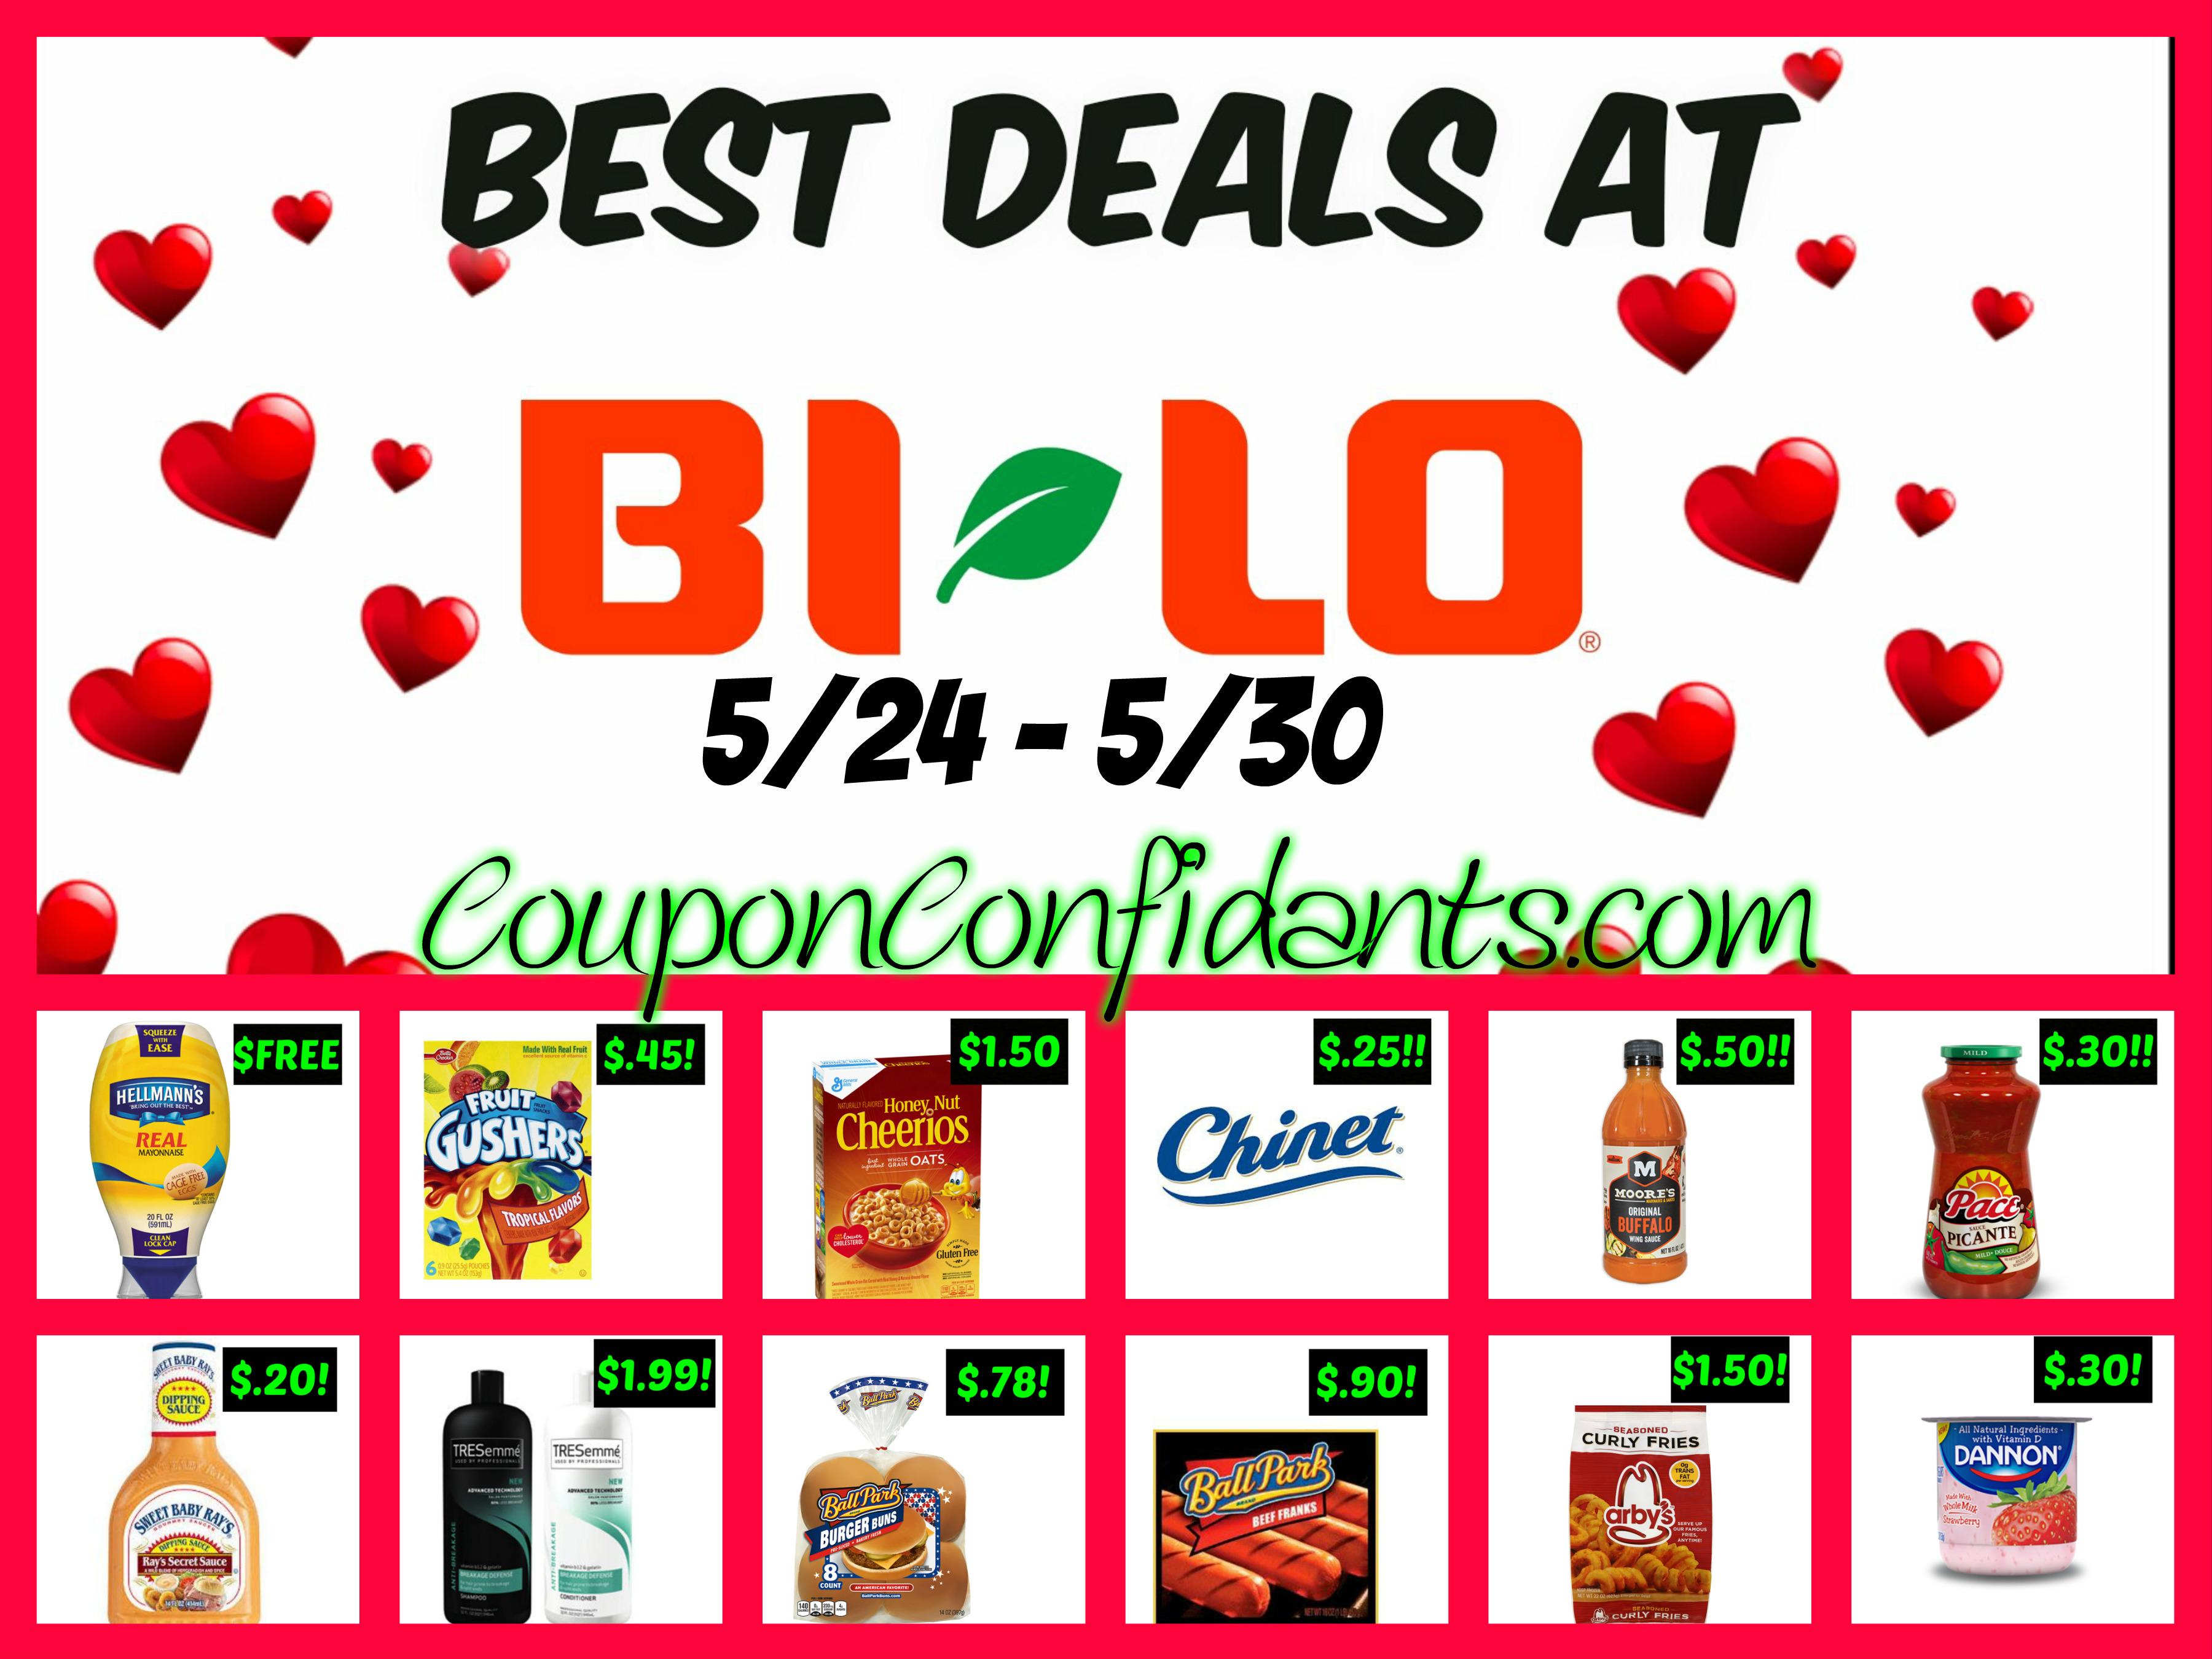 Bi-lo Best Deals 5/24/17 - 5/30/17